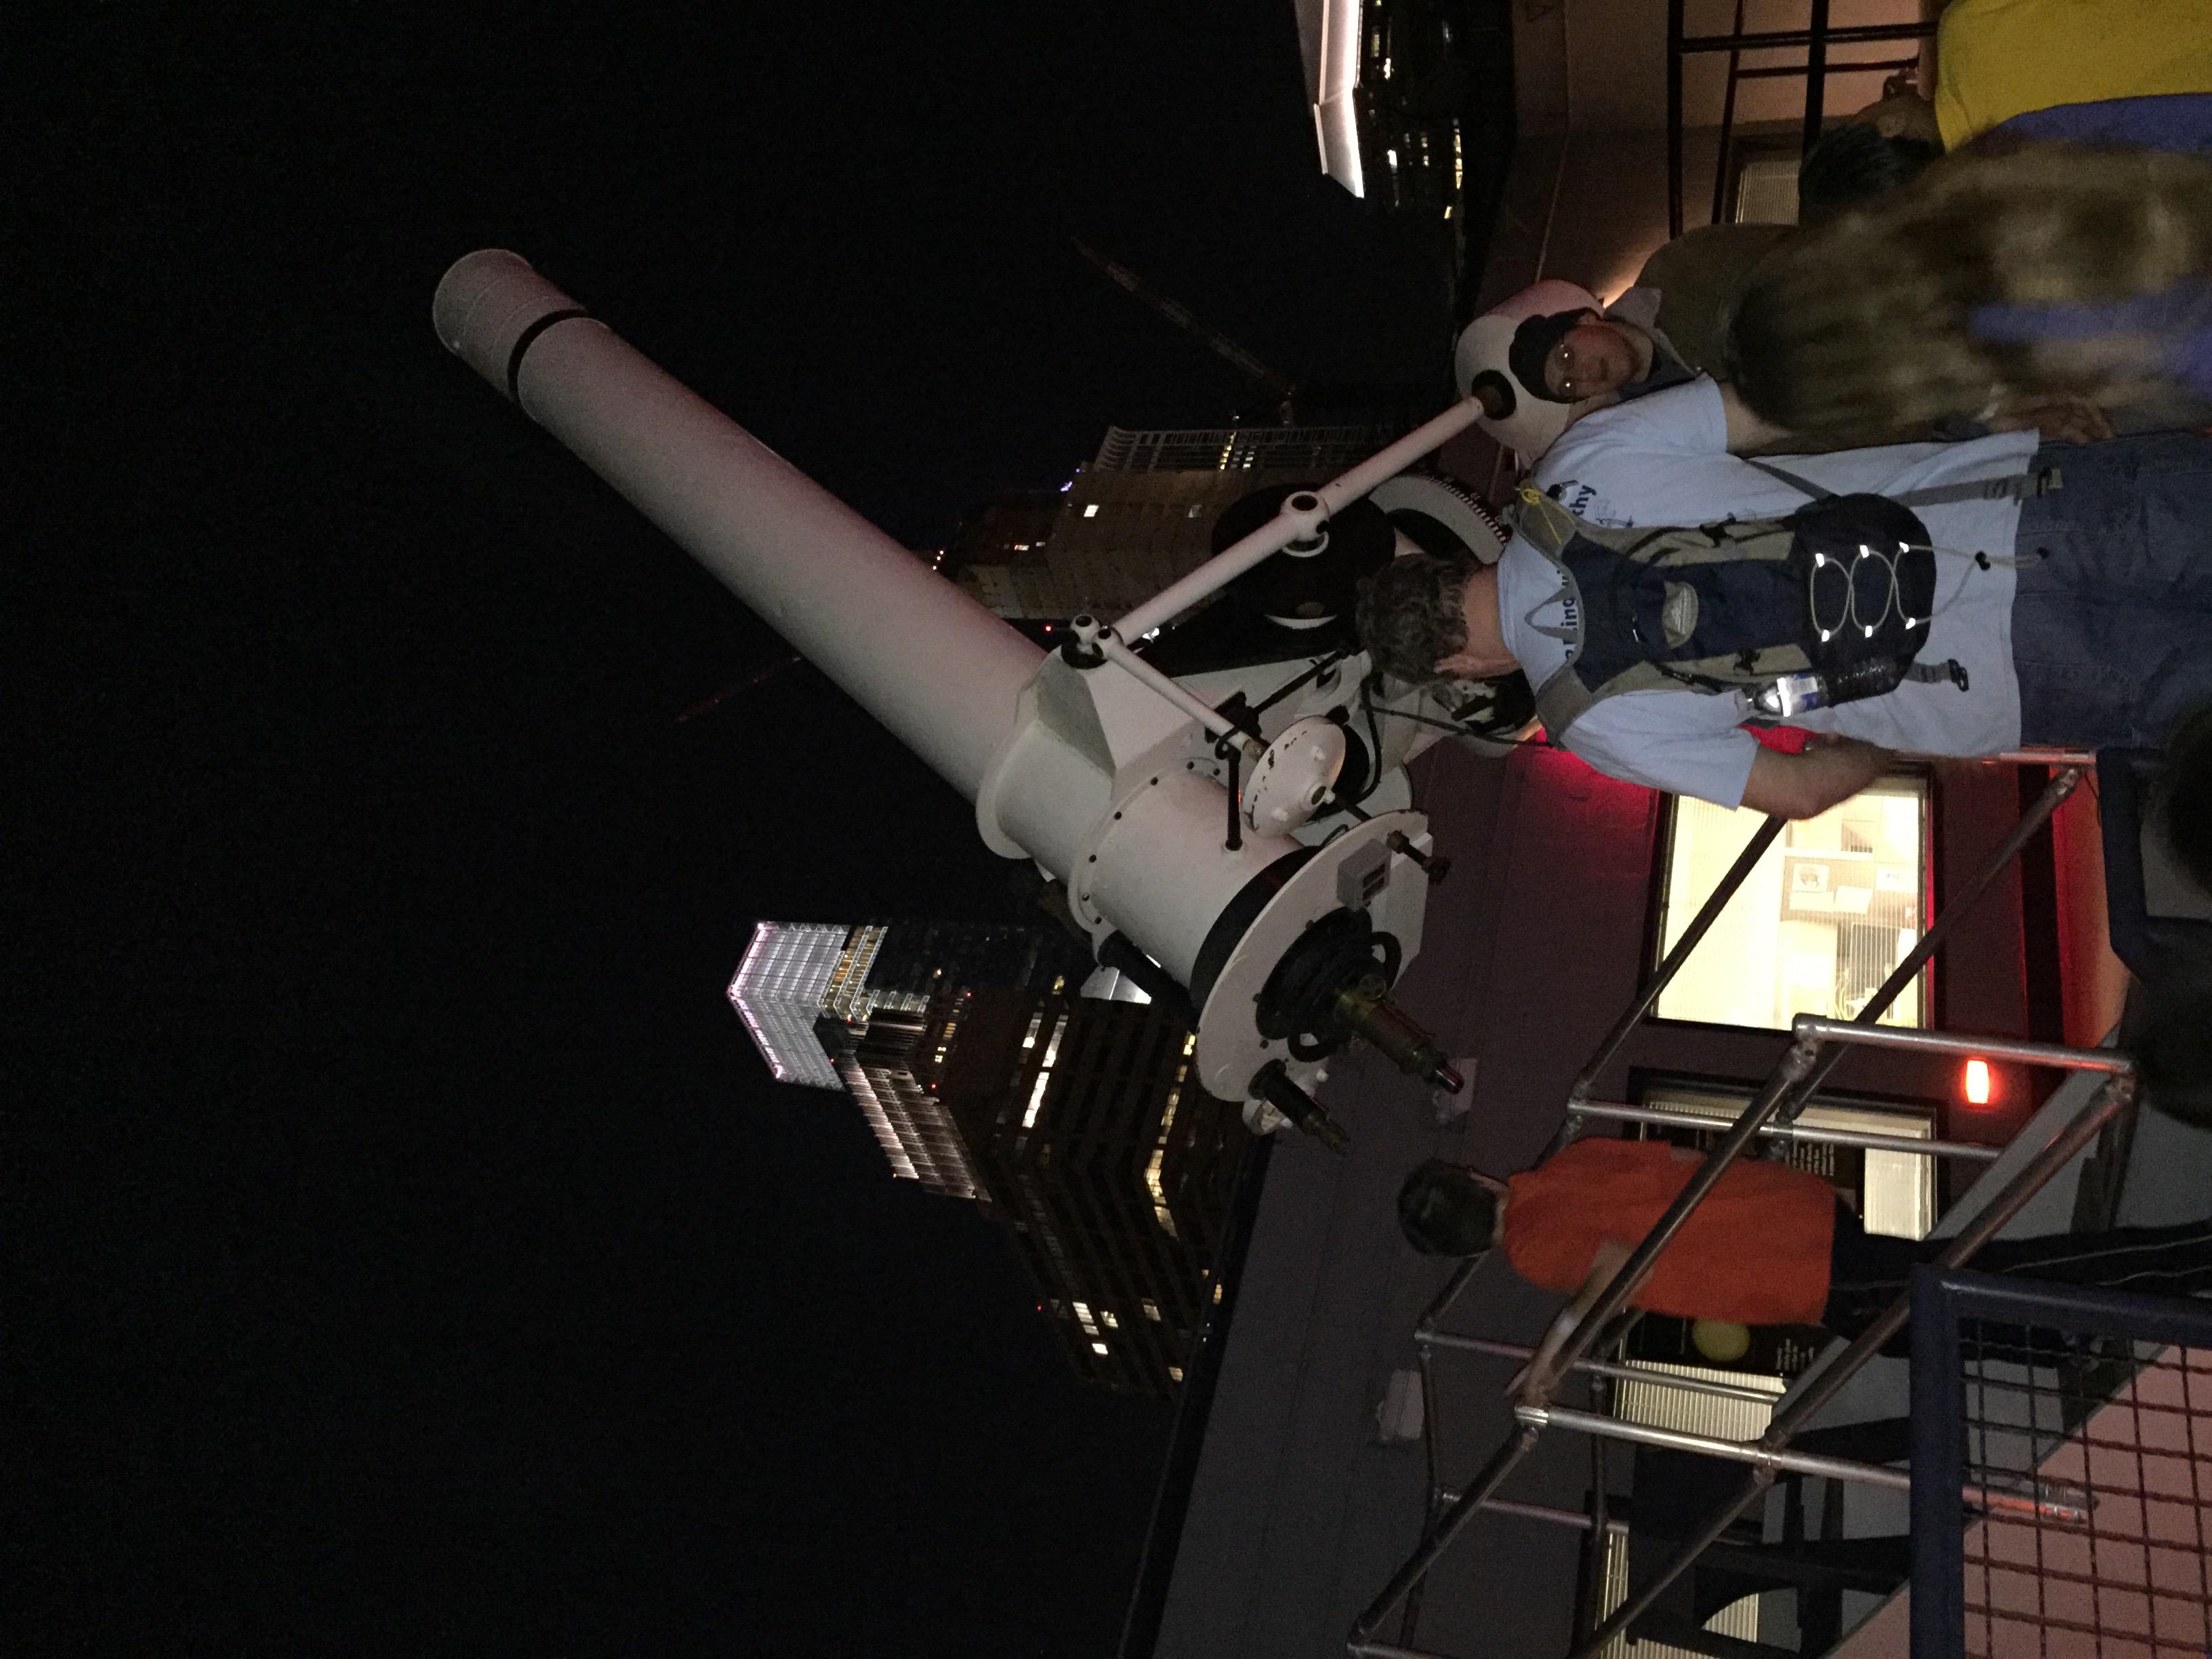 Observatory.jpg Türkçe: Franklin Gözlemevi 1 Şubat 2016 (orijinal yükleme tarihi) iphone'umdan kaynak Yazar Tfjdyfgjmn Türkçe Vikipedi'de